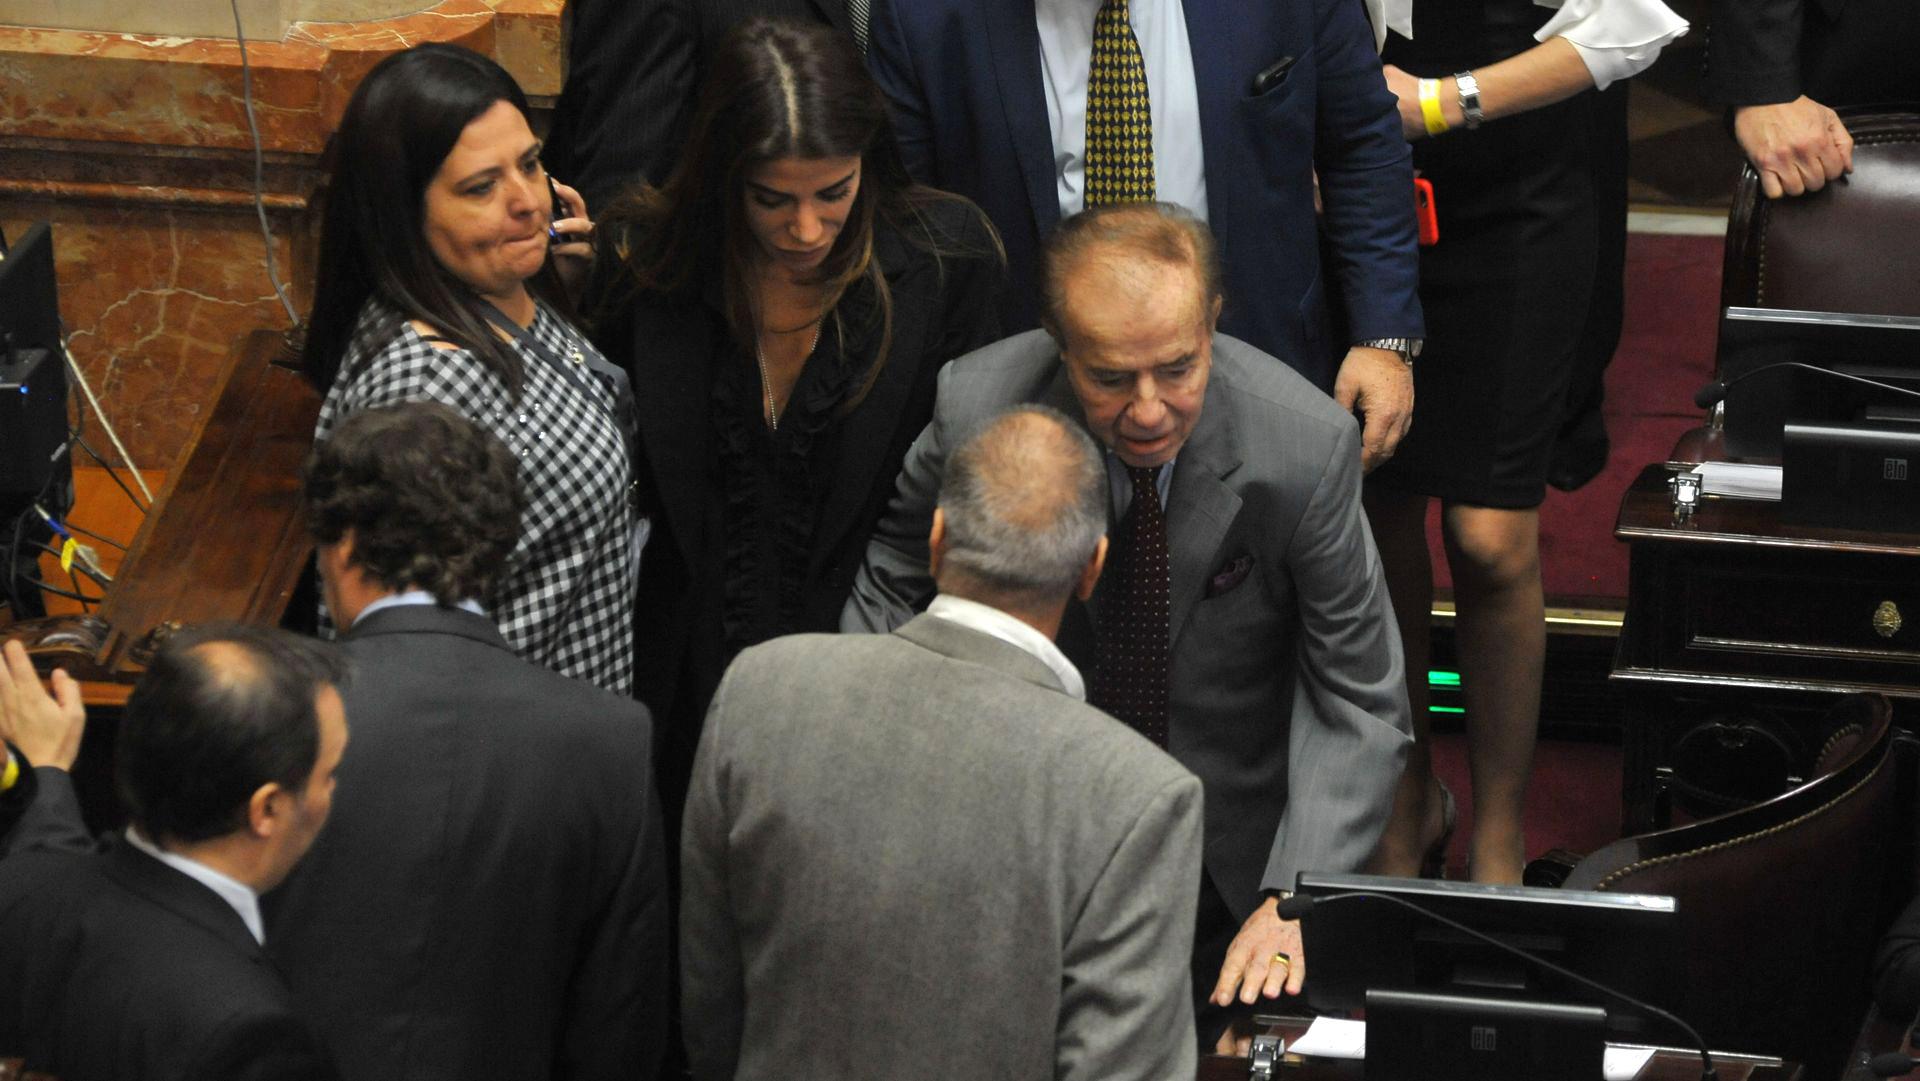 El senador riojano Carlos Menem acompañado por su hija Zulemita